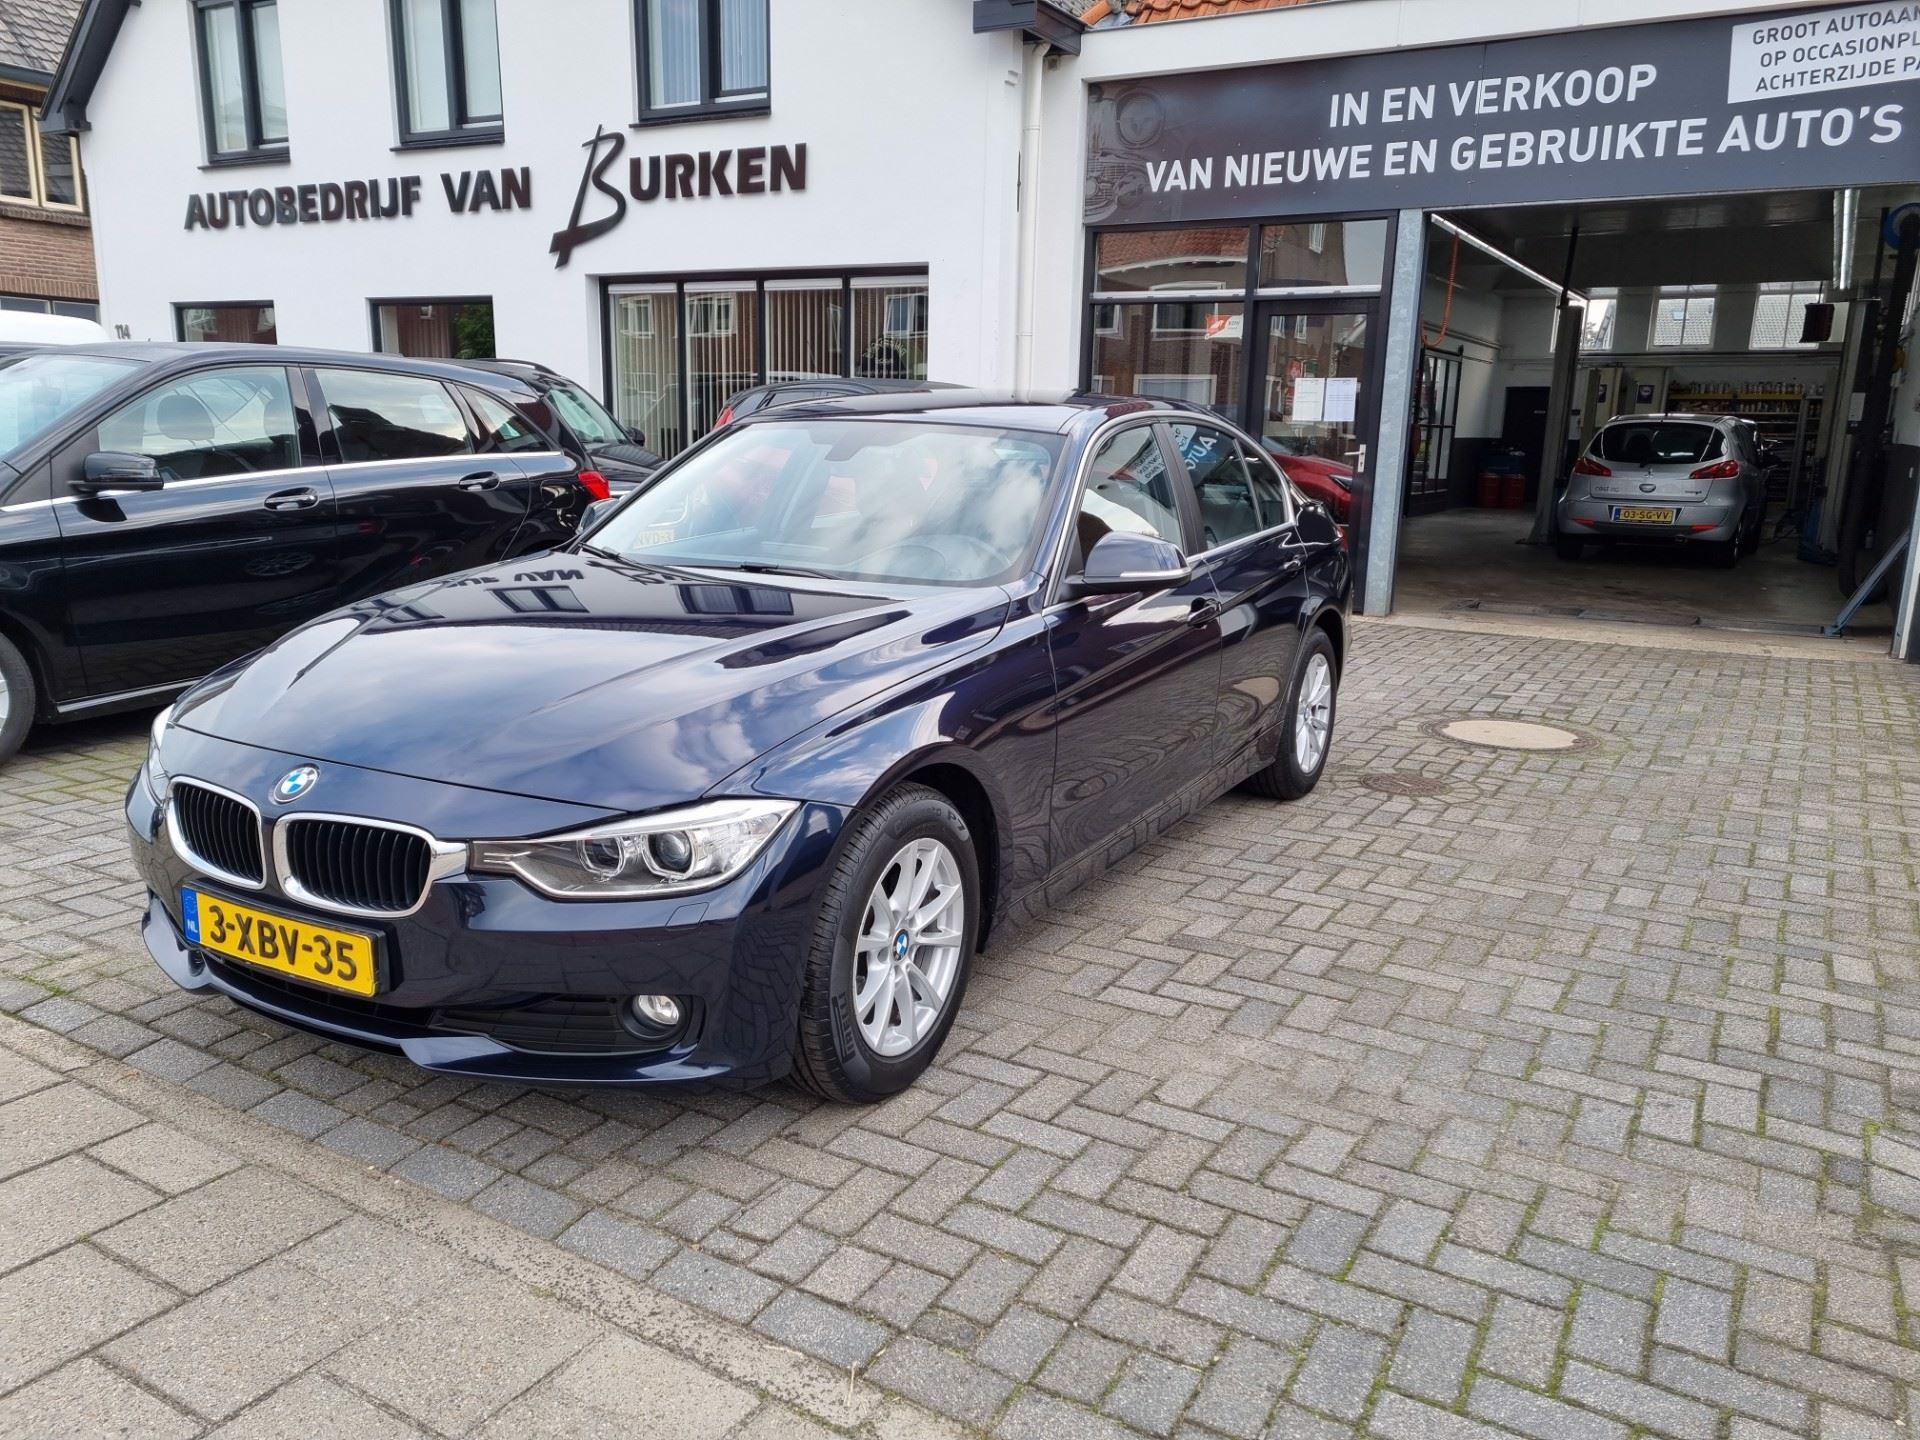 BMW 3-serie occasion - Autobedrijf van Burken